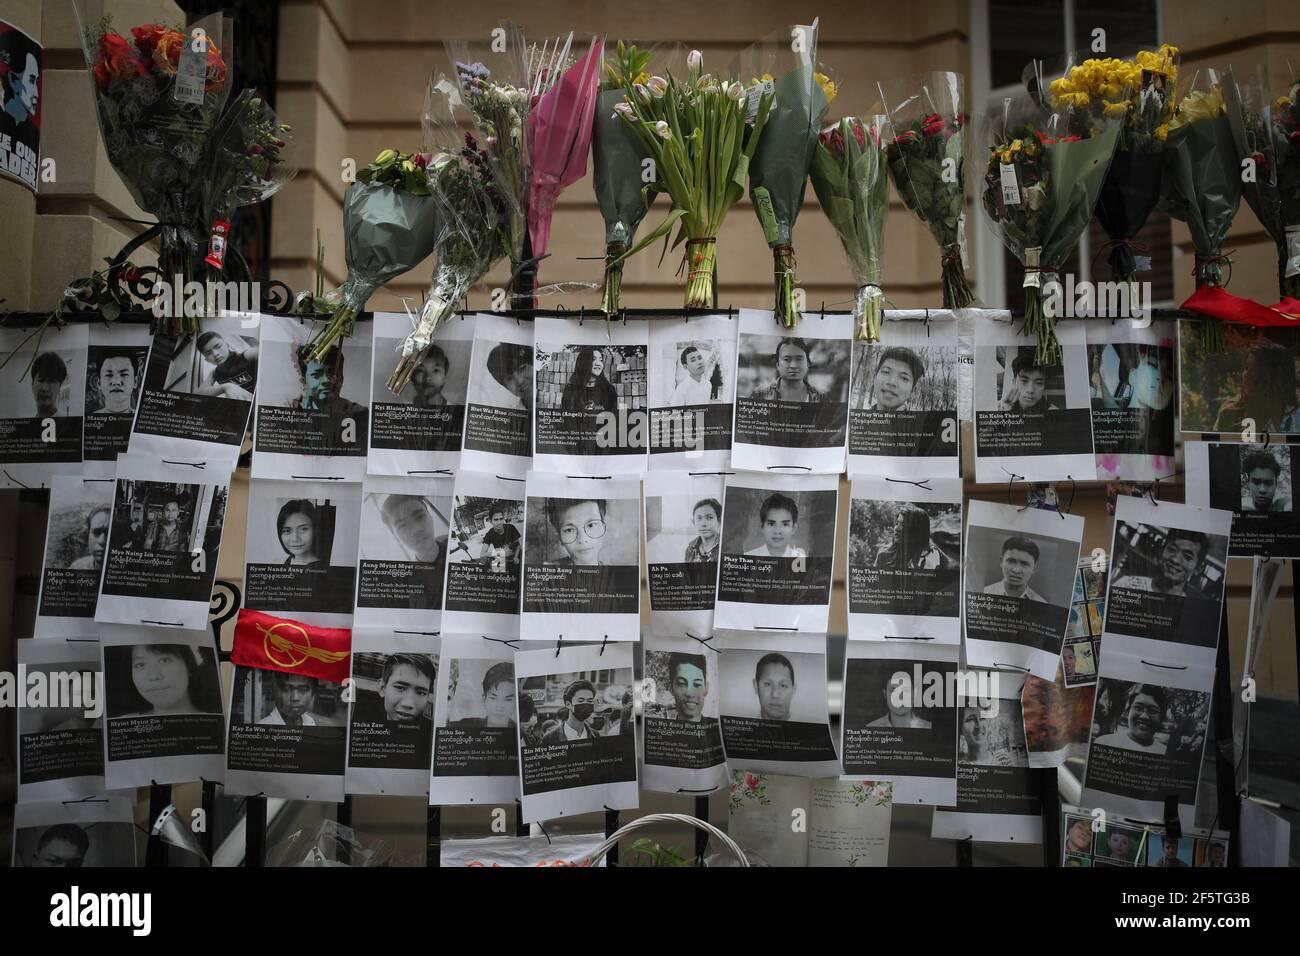 Tributi e segnali di protesta fuori KyiÕs Ambasciata della Birmania a Londra contro il colpo di stato del 1° febbraio che ha cacciato il governo eletto di Aung San Suu. Data immagine: Domenica 28 marzo 2021. Foto Stock